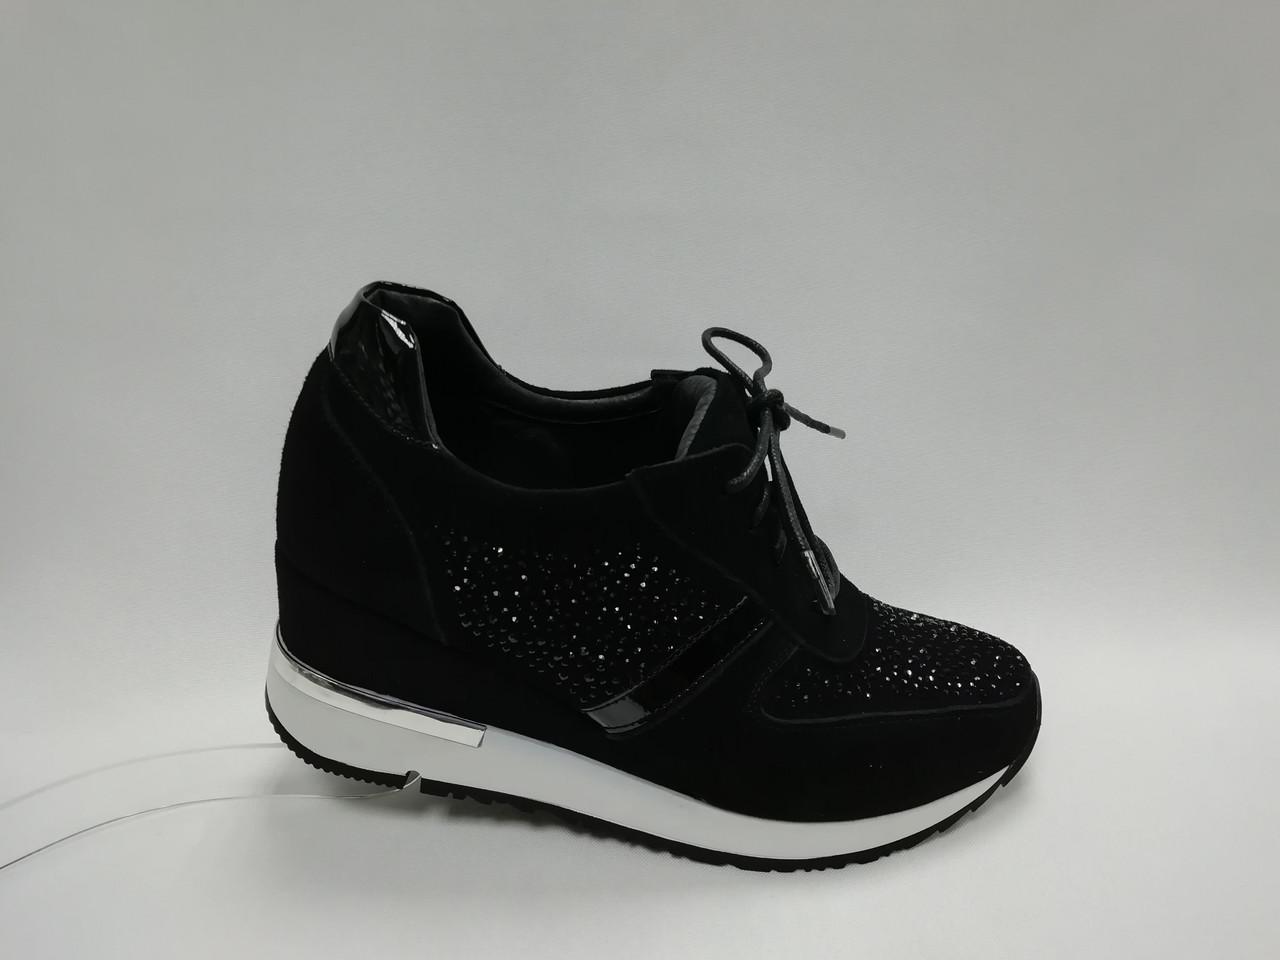 Замшеві туфлі на танкетці. Снікерси. Маленькі розміри ( 33 - 35 ).